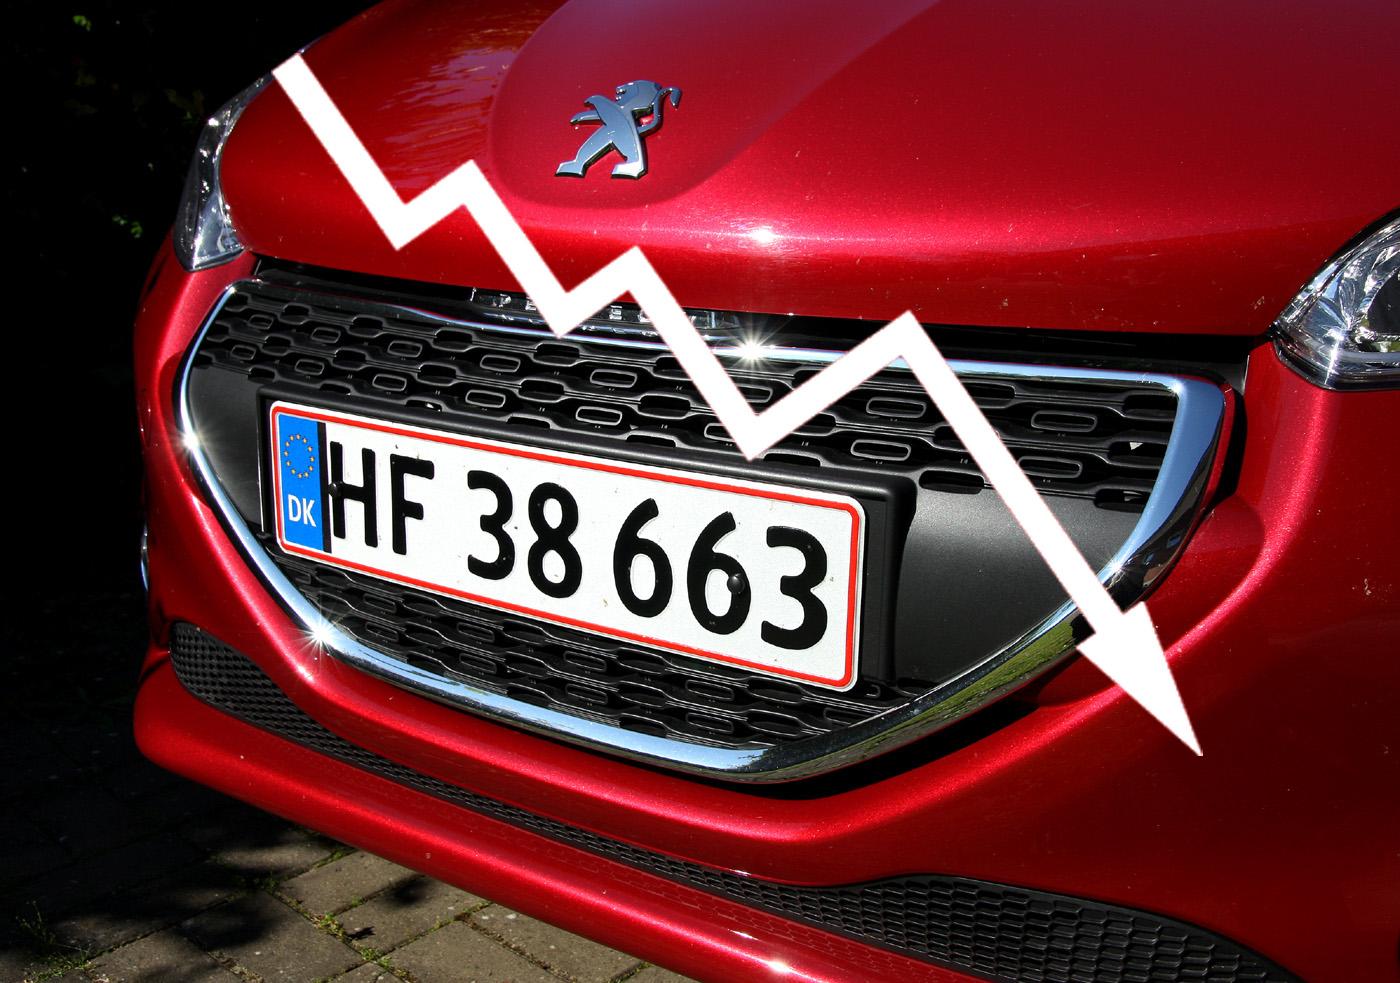 Hold fast: Din nye bil taber 20 pct. det første år - Hvilkenbil.dk